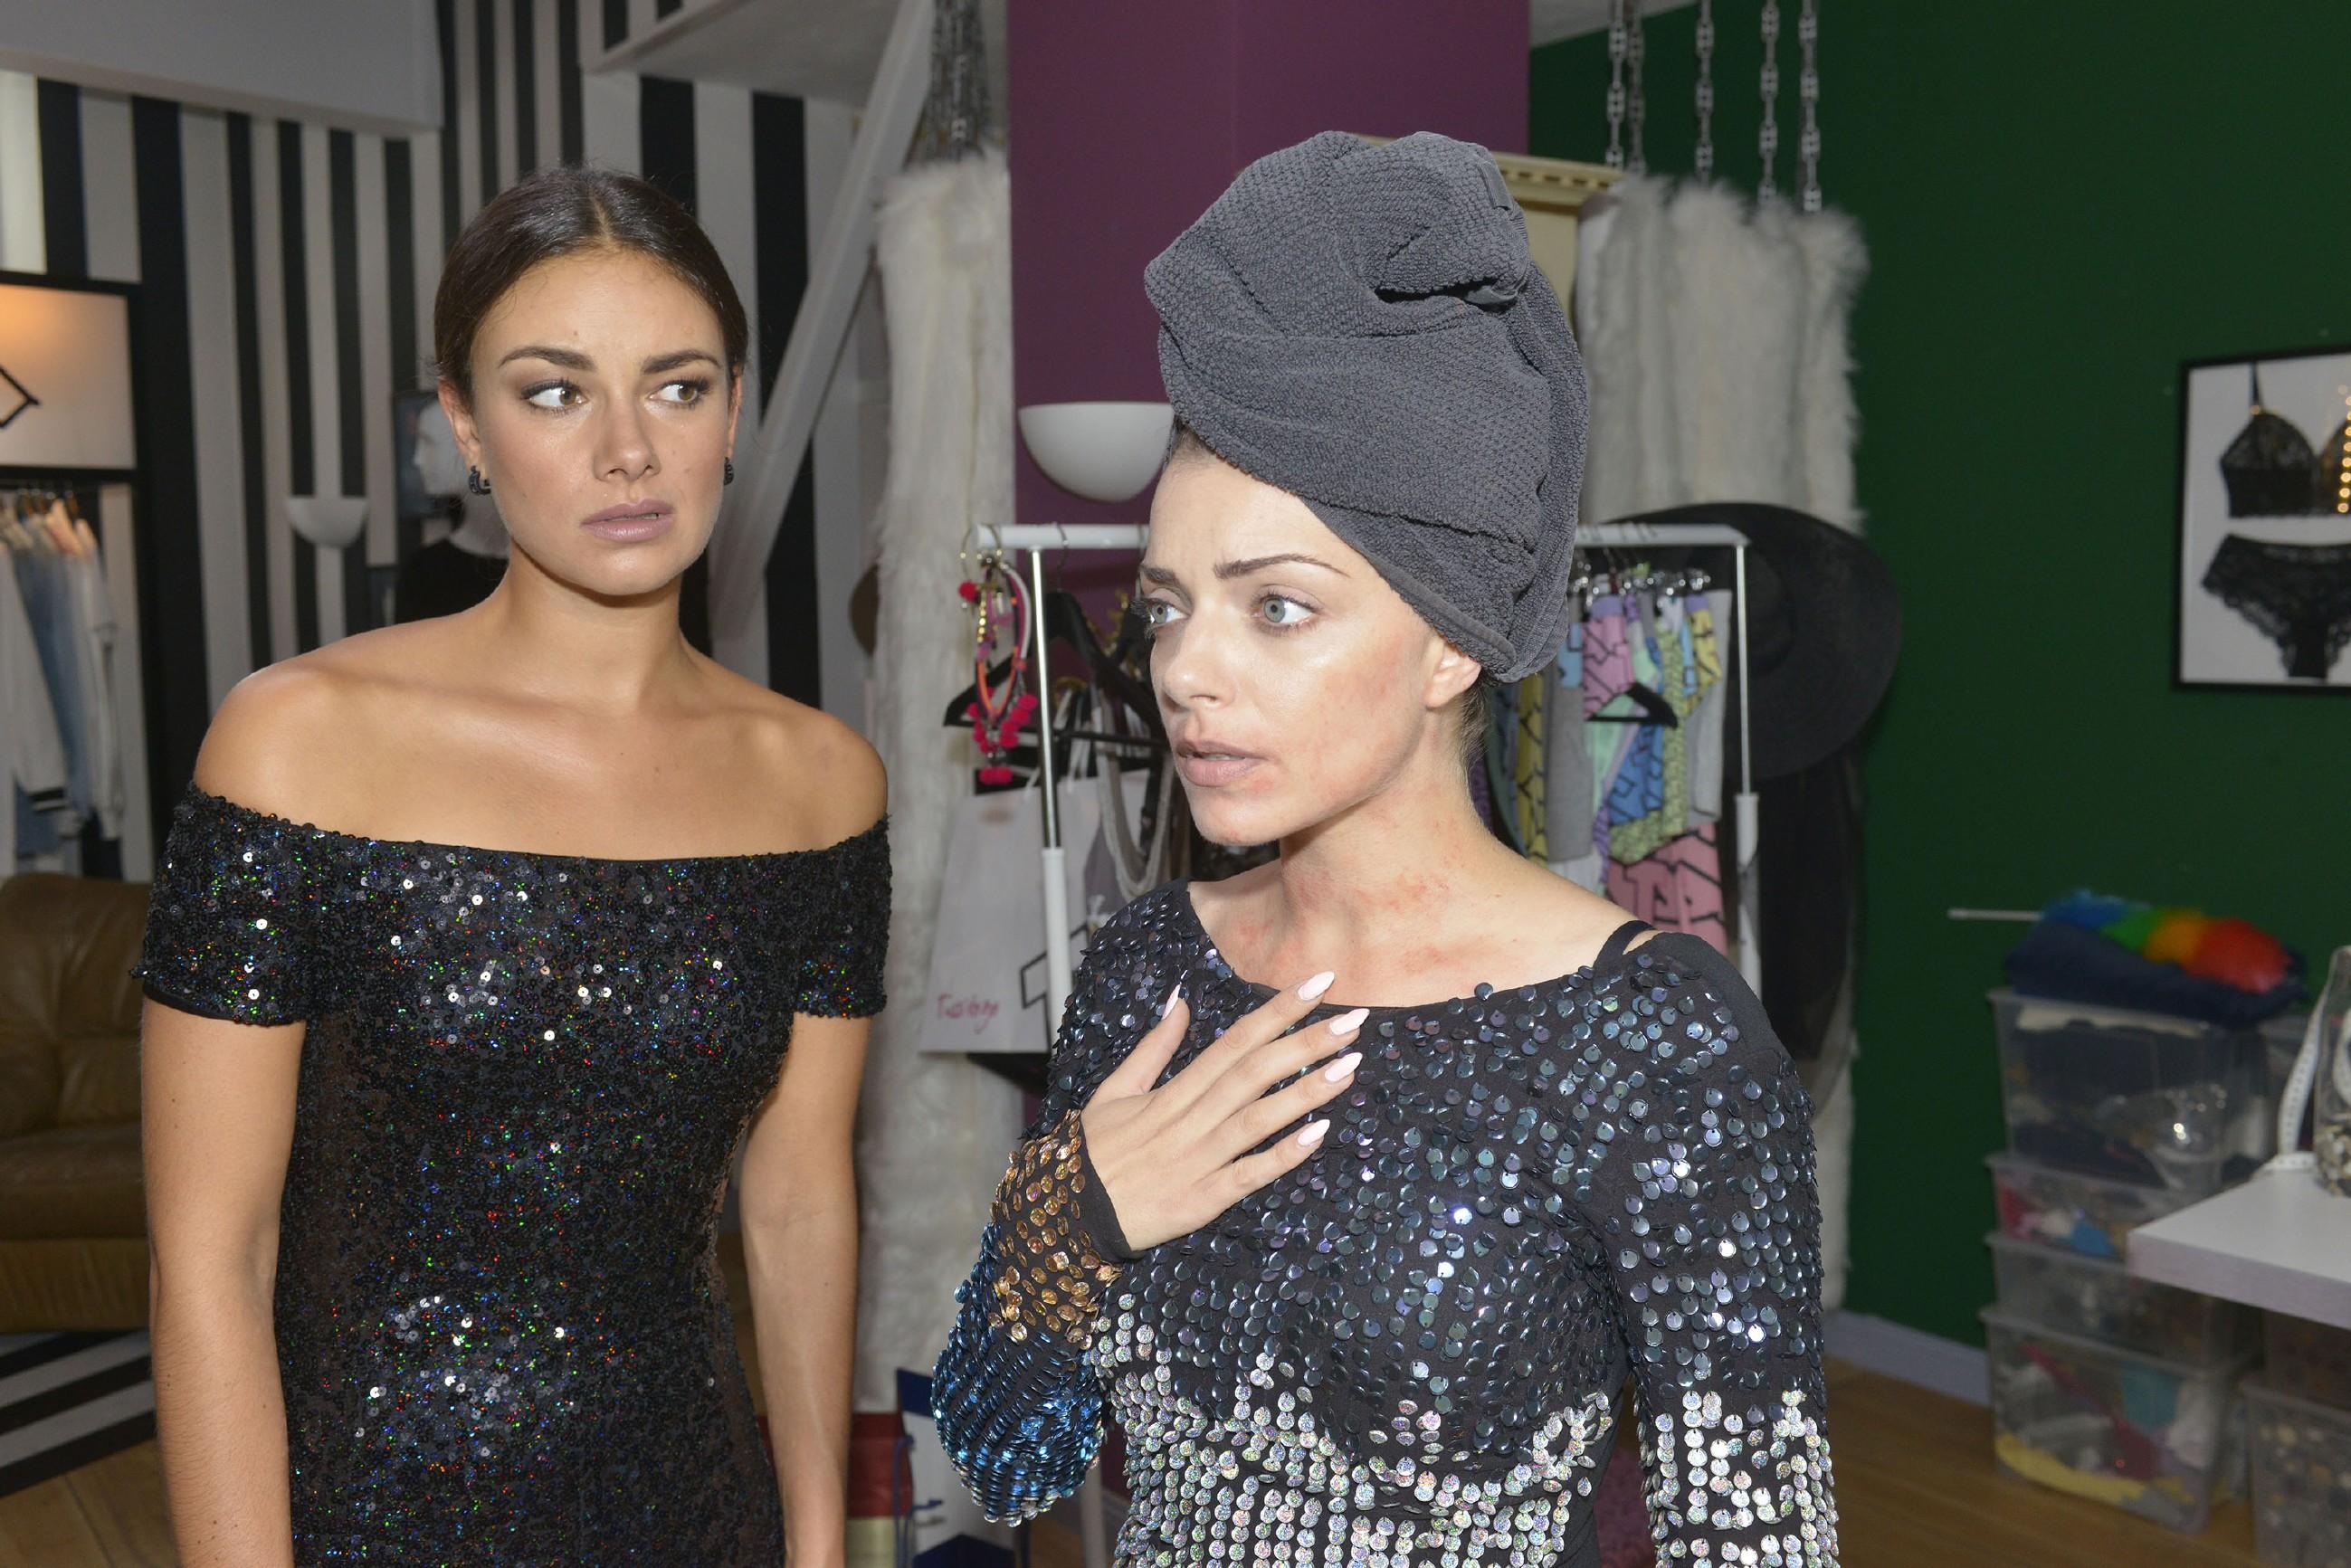 Jasmin (Janina Uhse, l.) und Emily (Anne Menden) freuen sich auf die Verleihung des Fashion-Awards, doch als Emily aufgrund einer Allergie eine Hautreaktion im Gesicht zeigt, scheint der Abend für Emily gelaufen zu sein... (Quelle: RTL / Rolf Baumgartner)